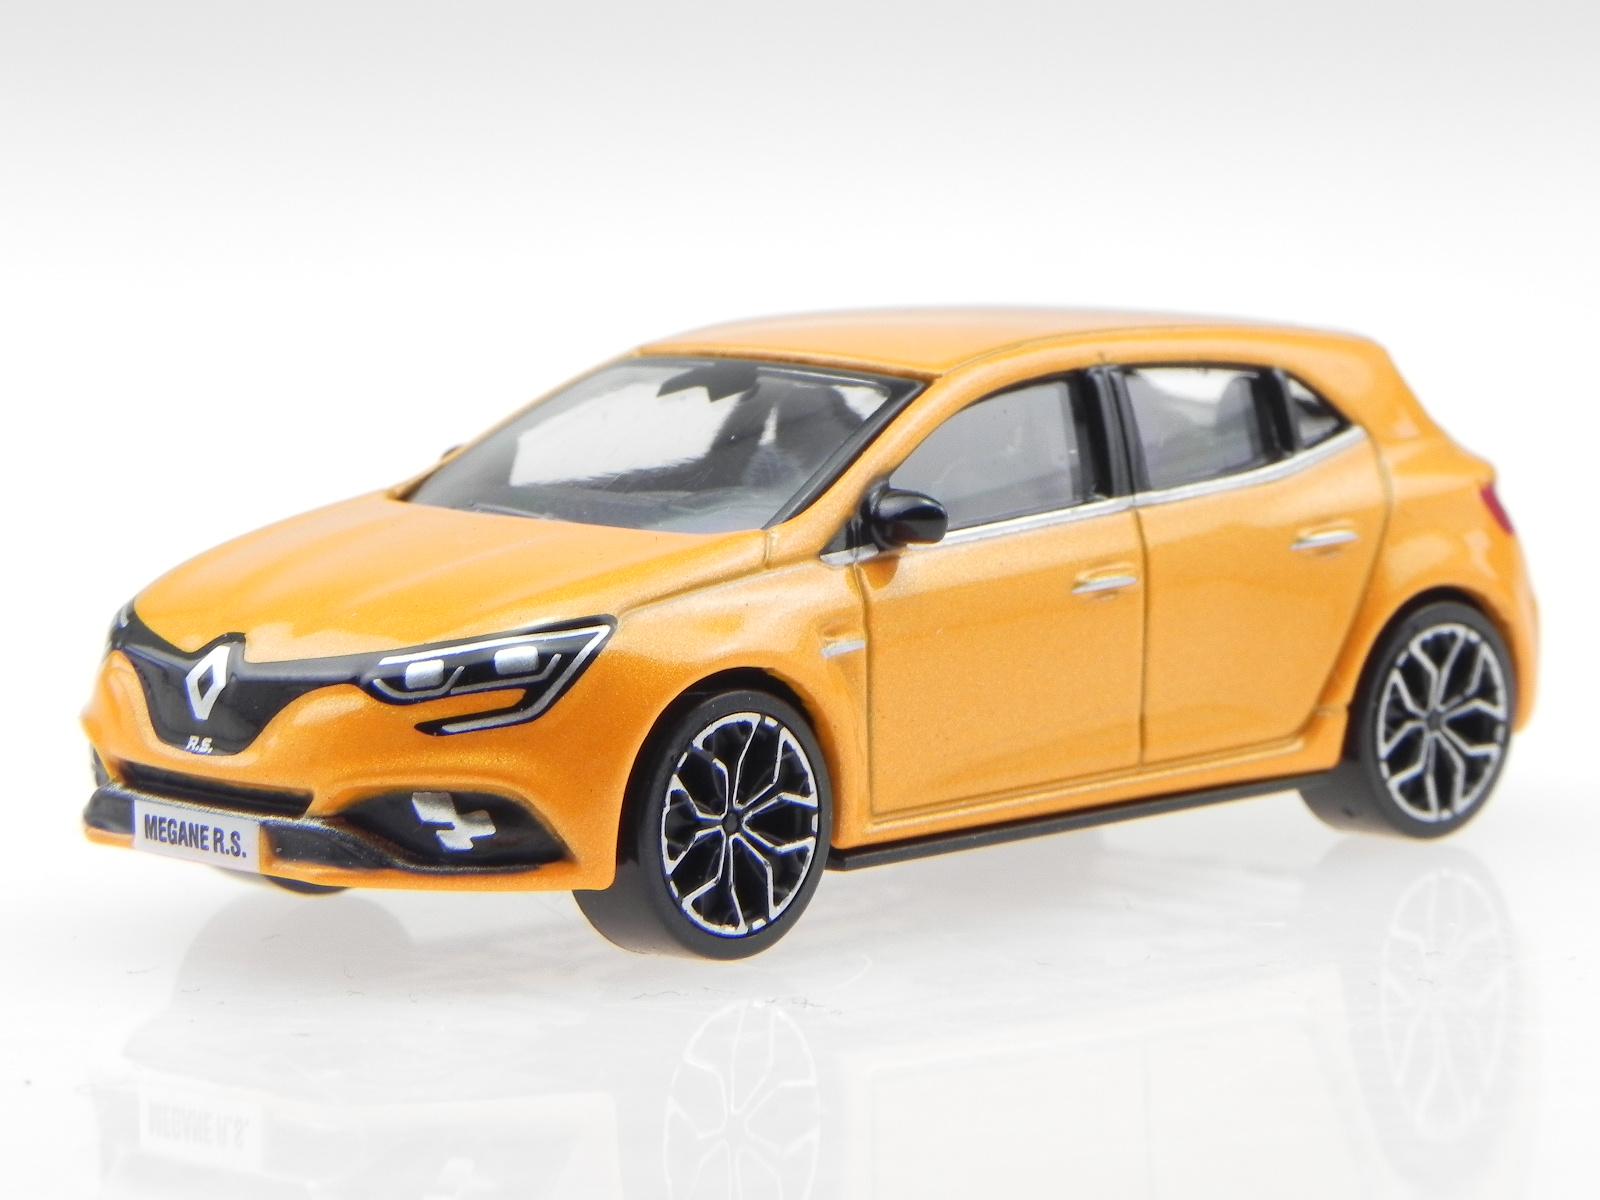 Megane Rs 2017 >> Renault Megane Rs 2017 Orange Diecast Modelcar 310903 Norev 3inch